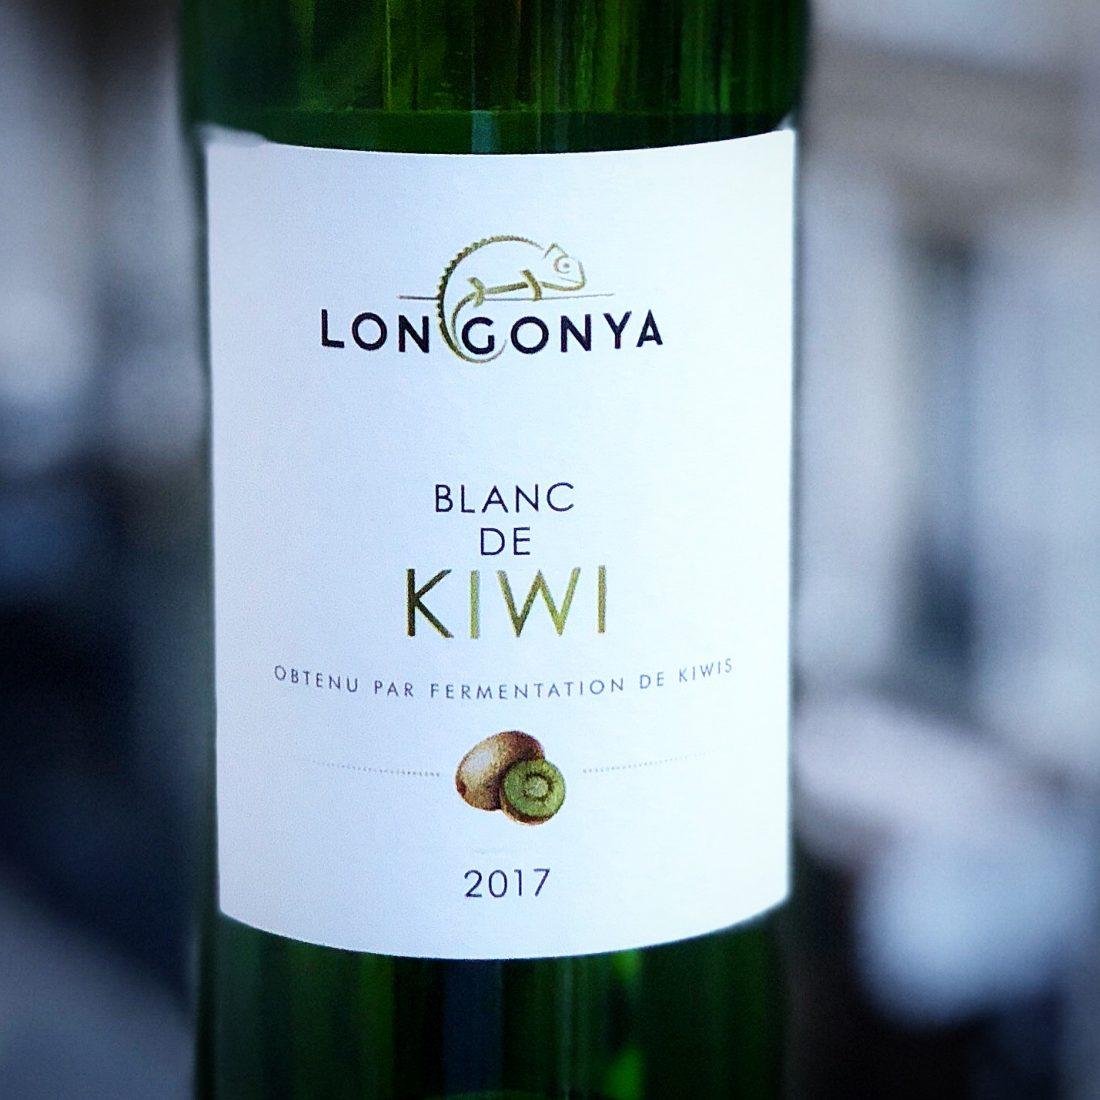 D'une étude de cas de fin d'étude est né un délicieux vin de kiwi. Longonya, histoire d'une réflexion pertinente sur l'optimisation d'une production fruitière dont les excédents sont souvent négligés